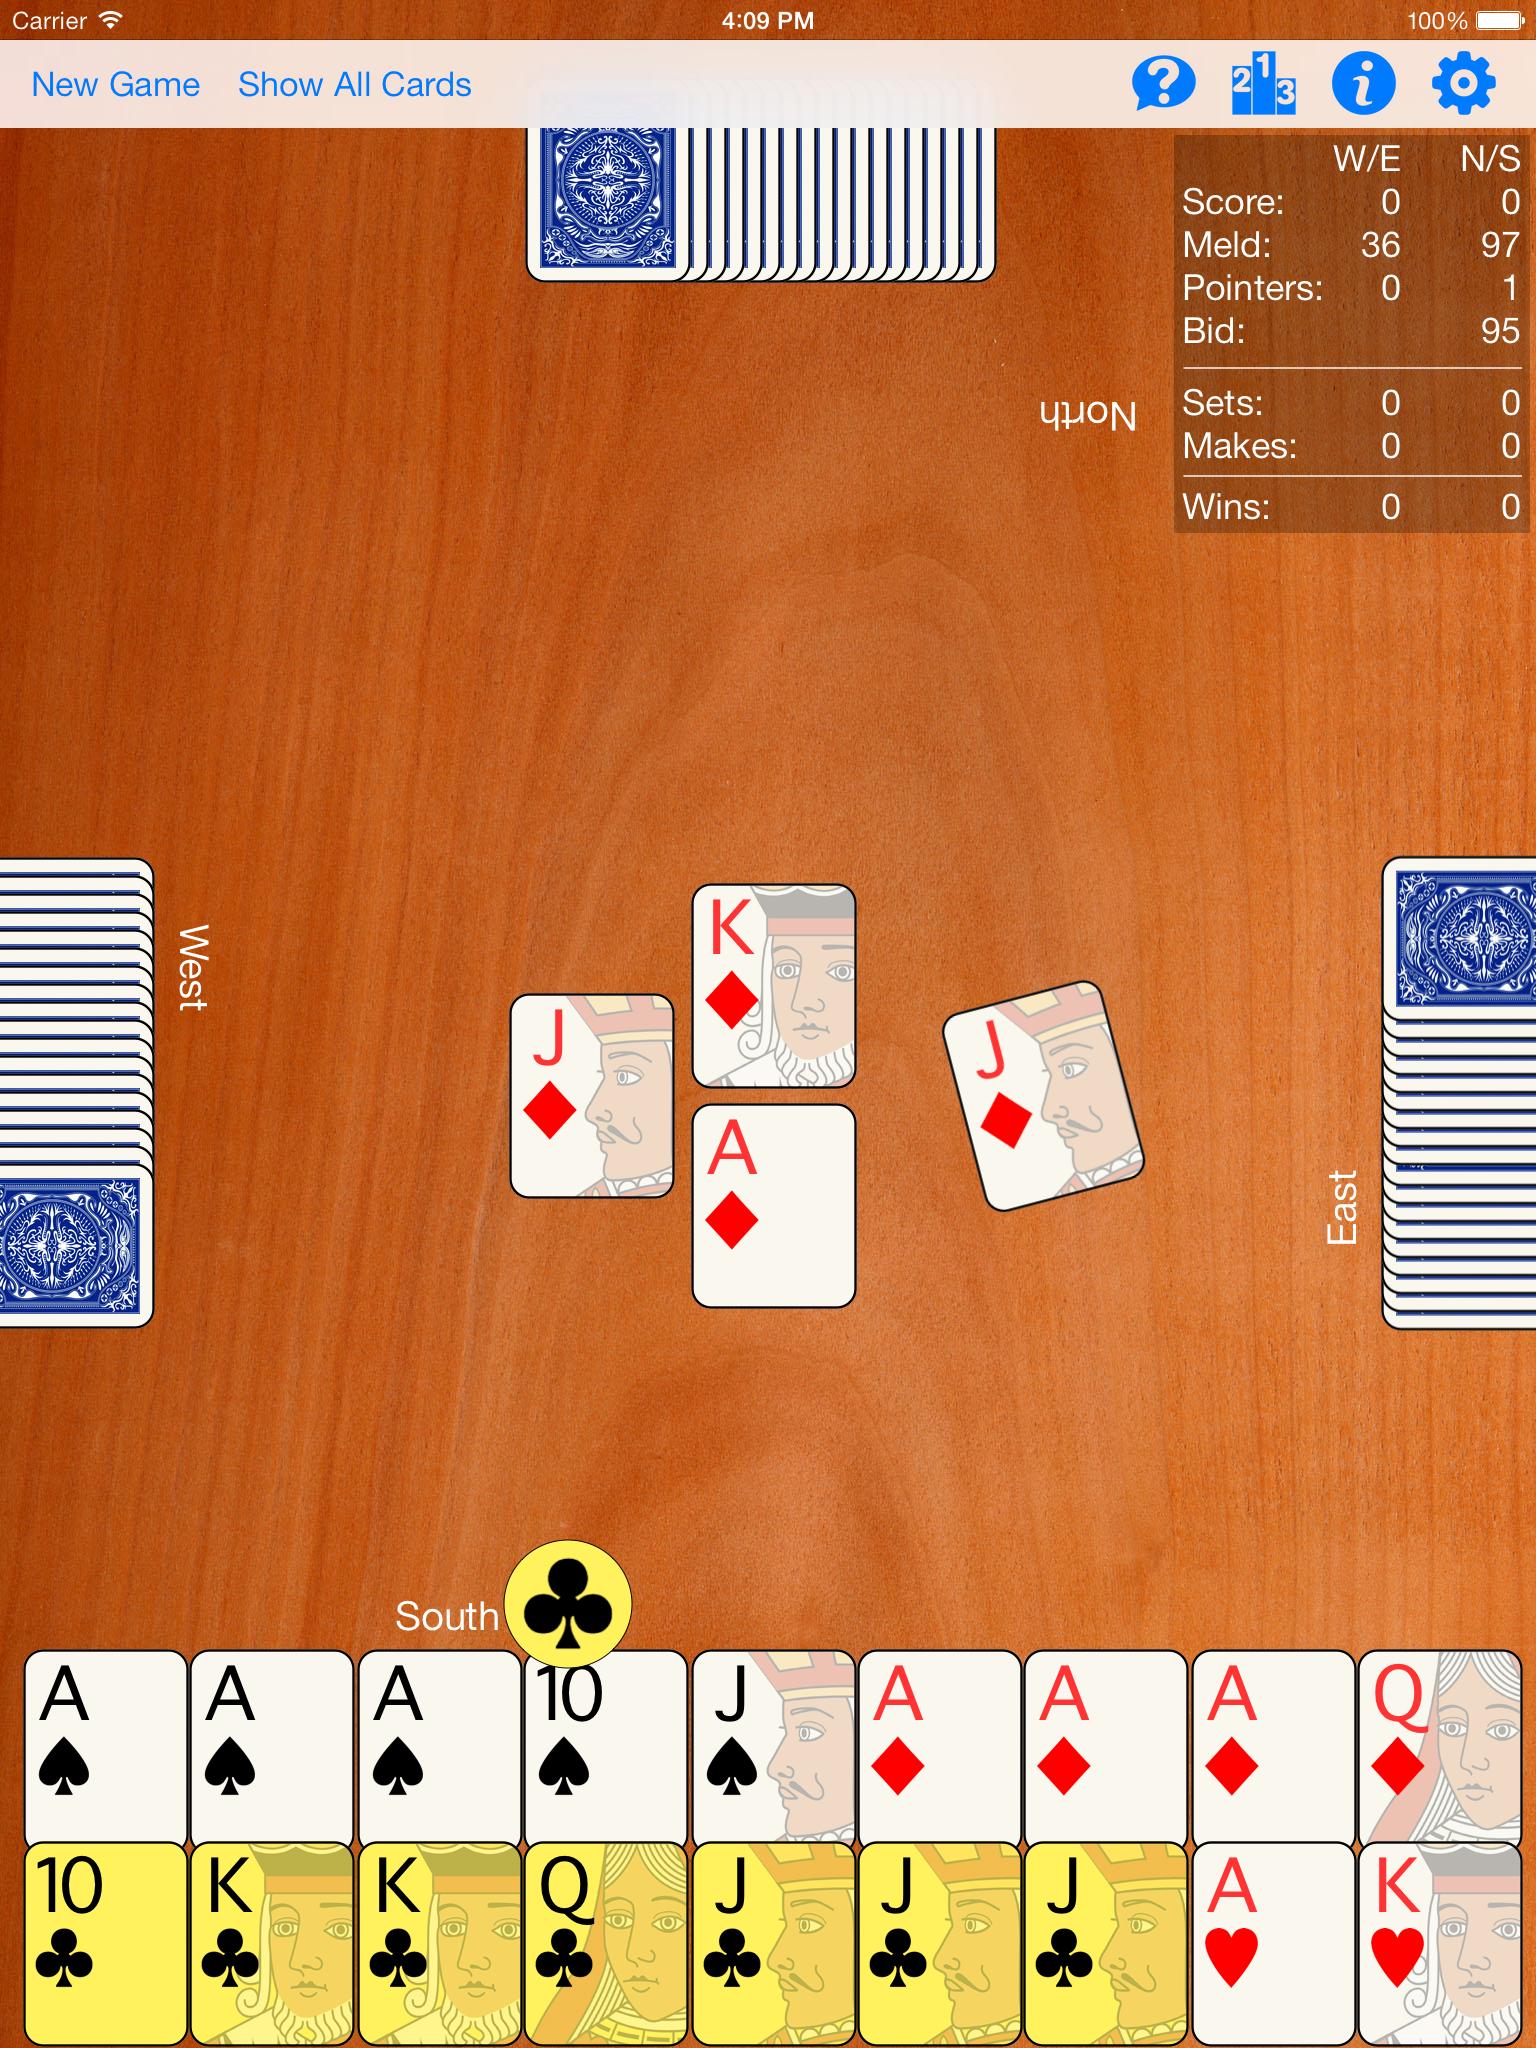 iOS Simulator Screen shot Oct 5, 2013, 4.09.07 PM.png